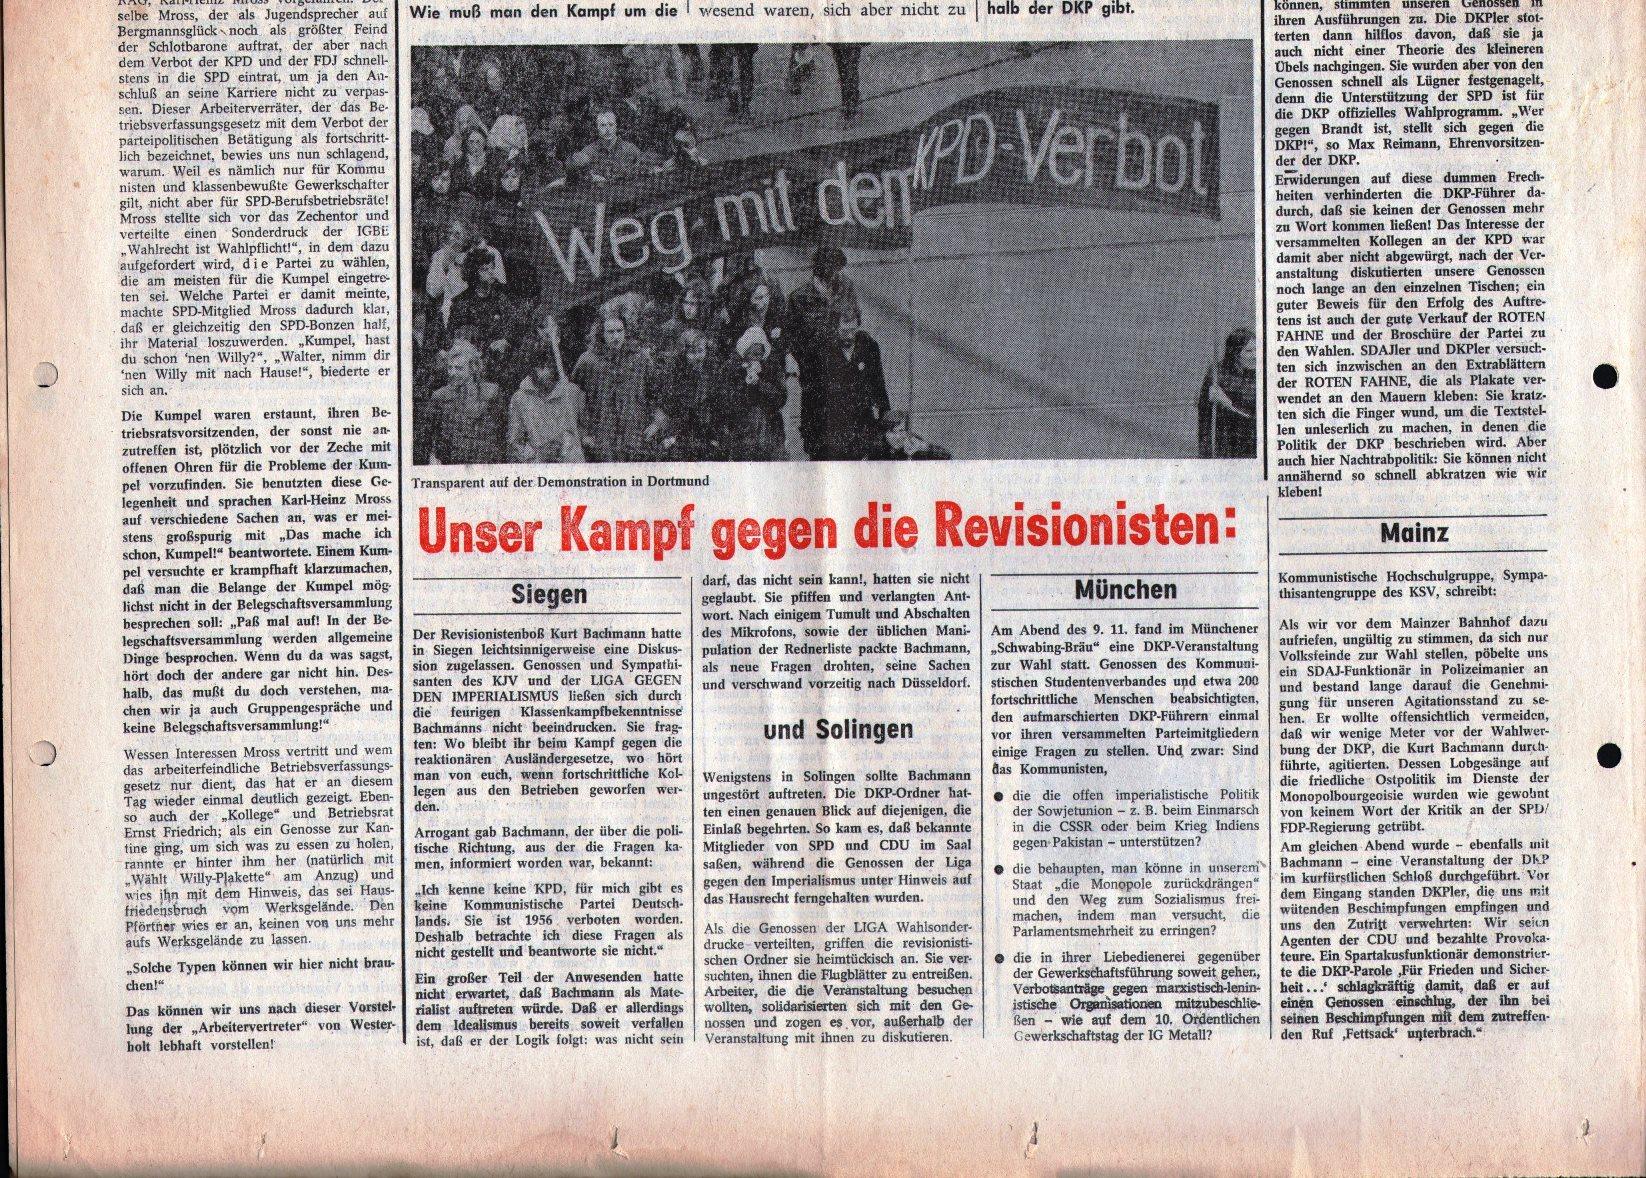 KPD_Rote_Fahne_1972_69_16